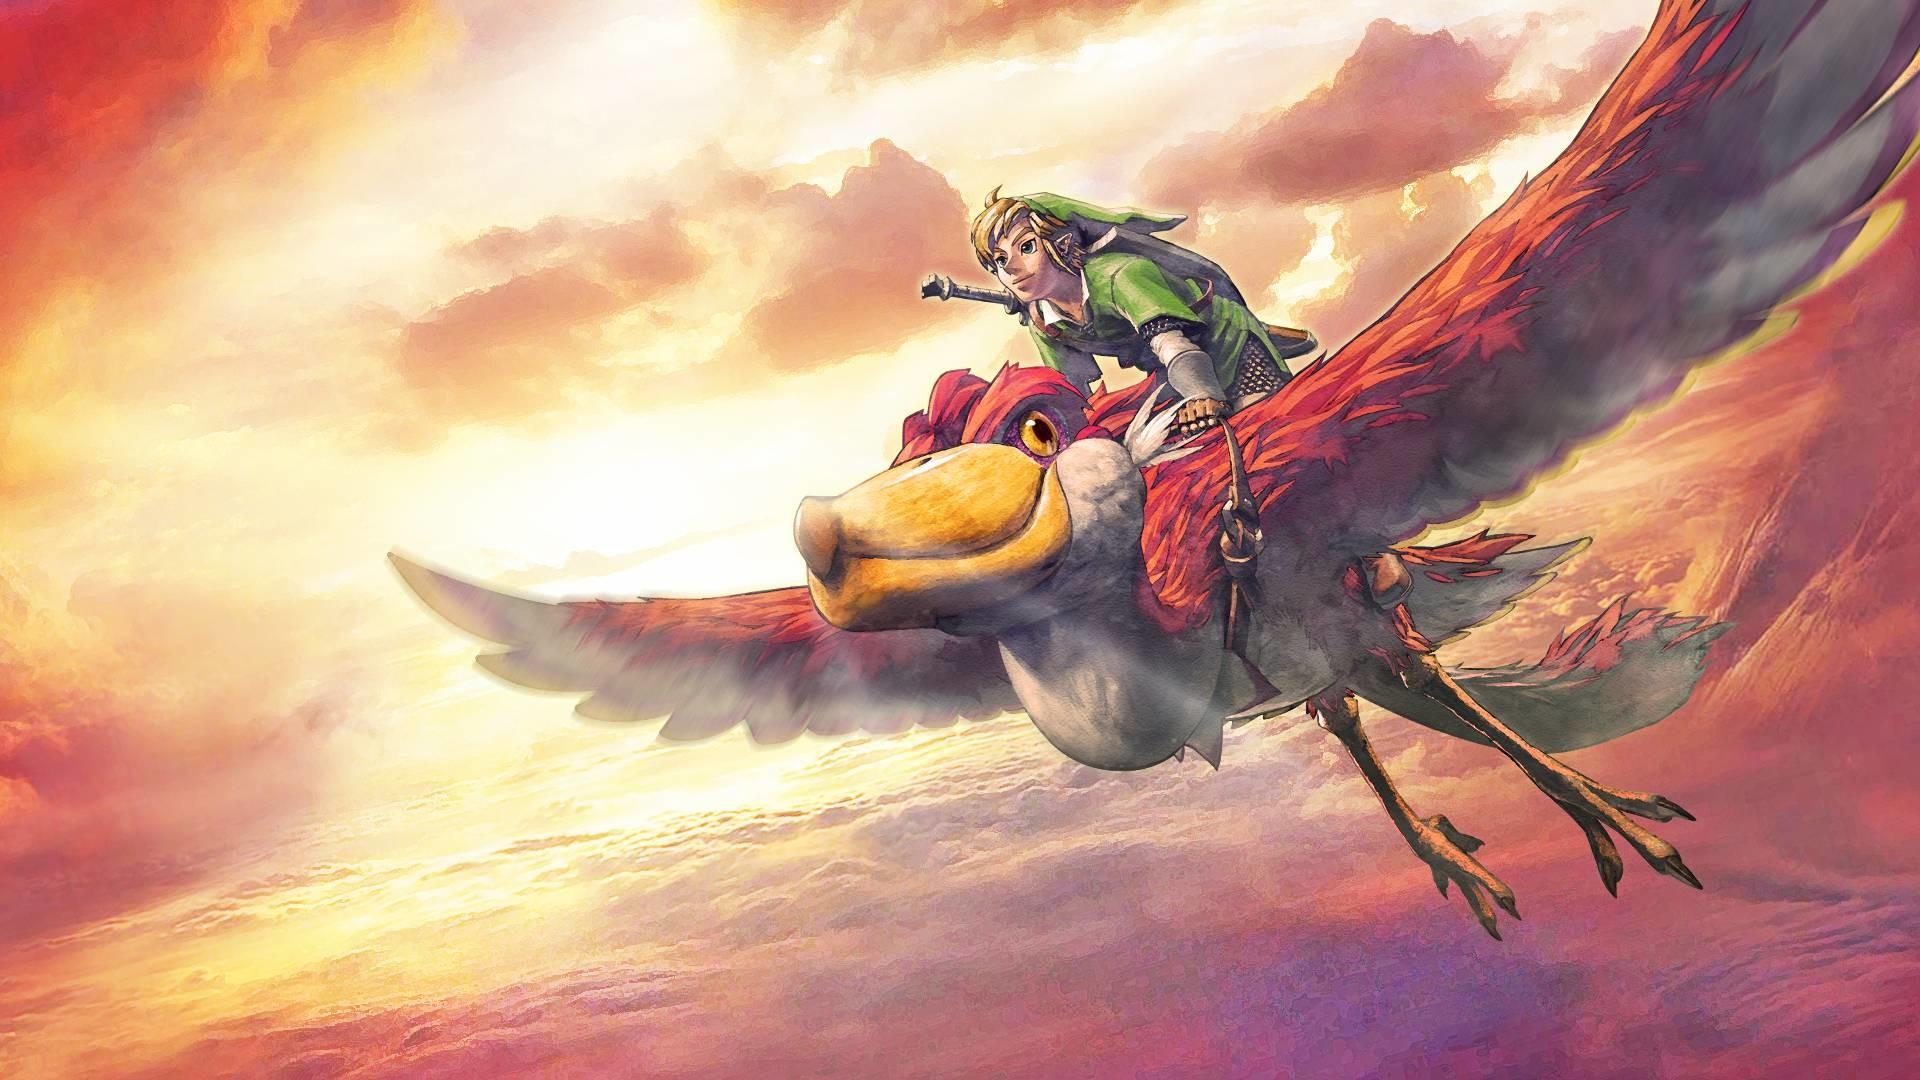 Zelda Skyward Sword Wallpaper | HD Wallpapers | Pinterest | Wallpaper and  Wallpapers android